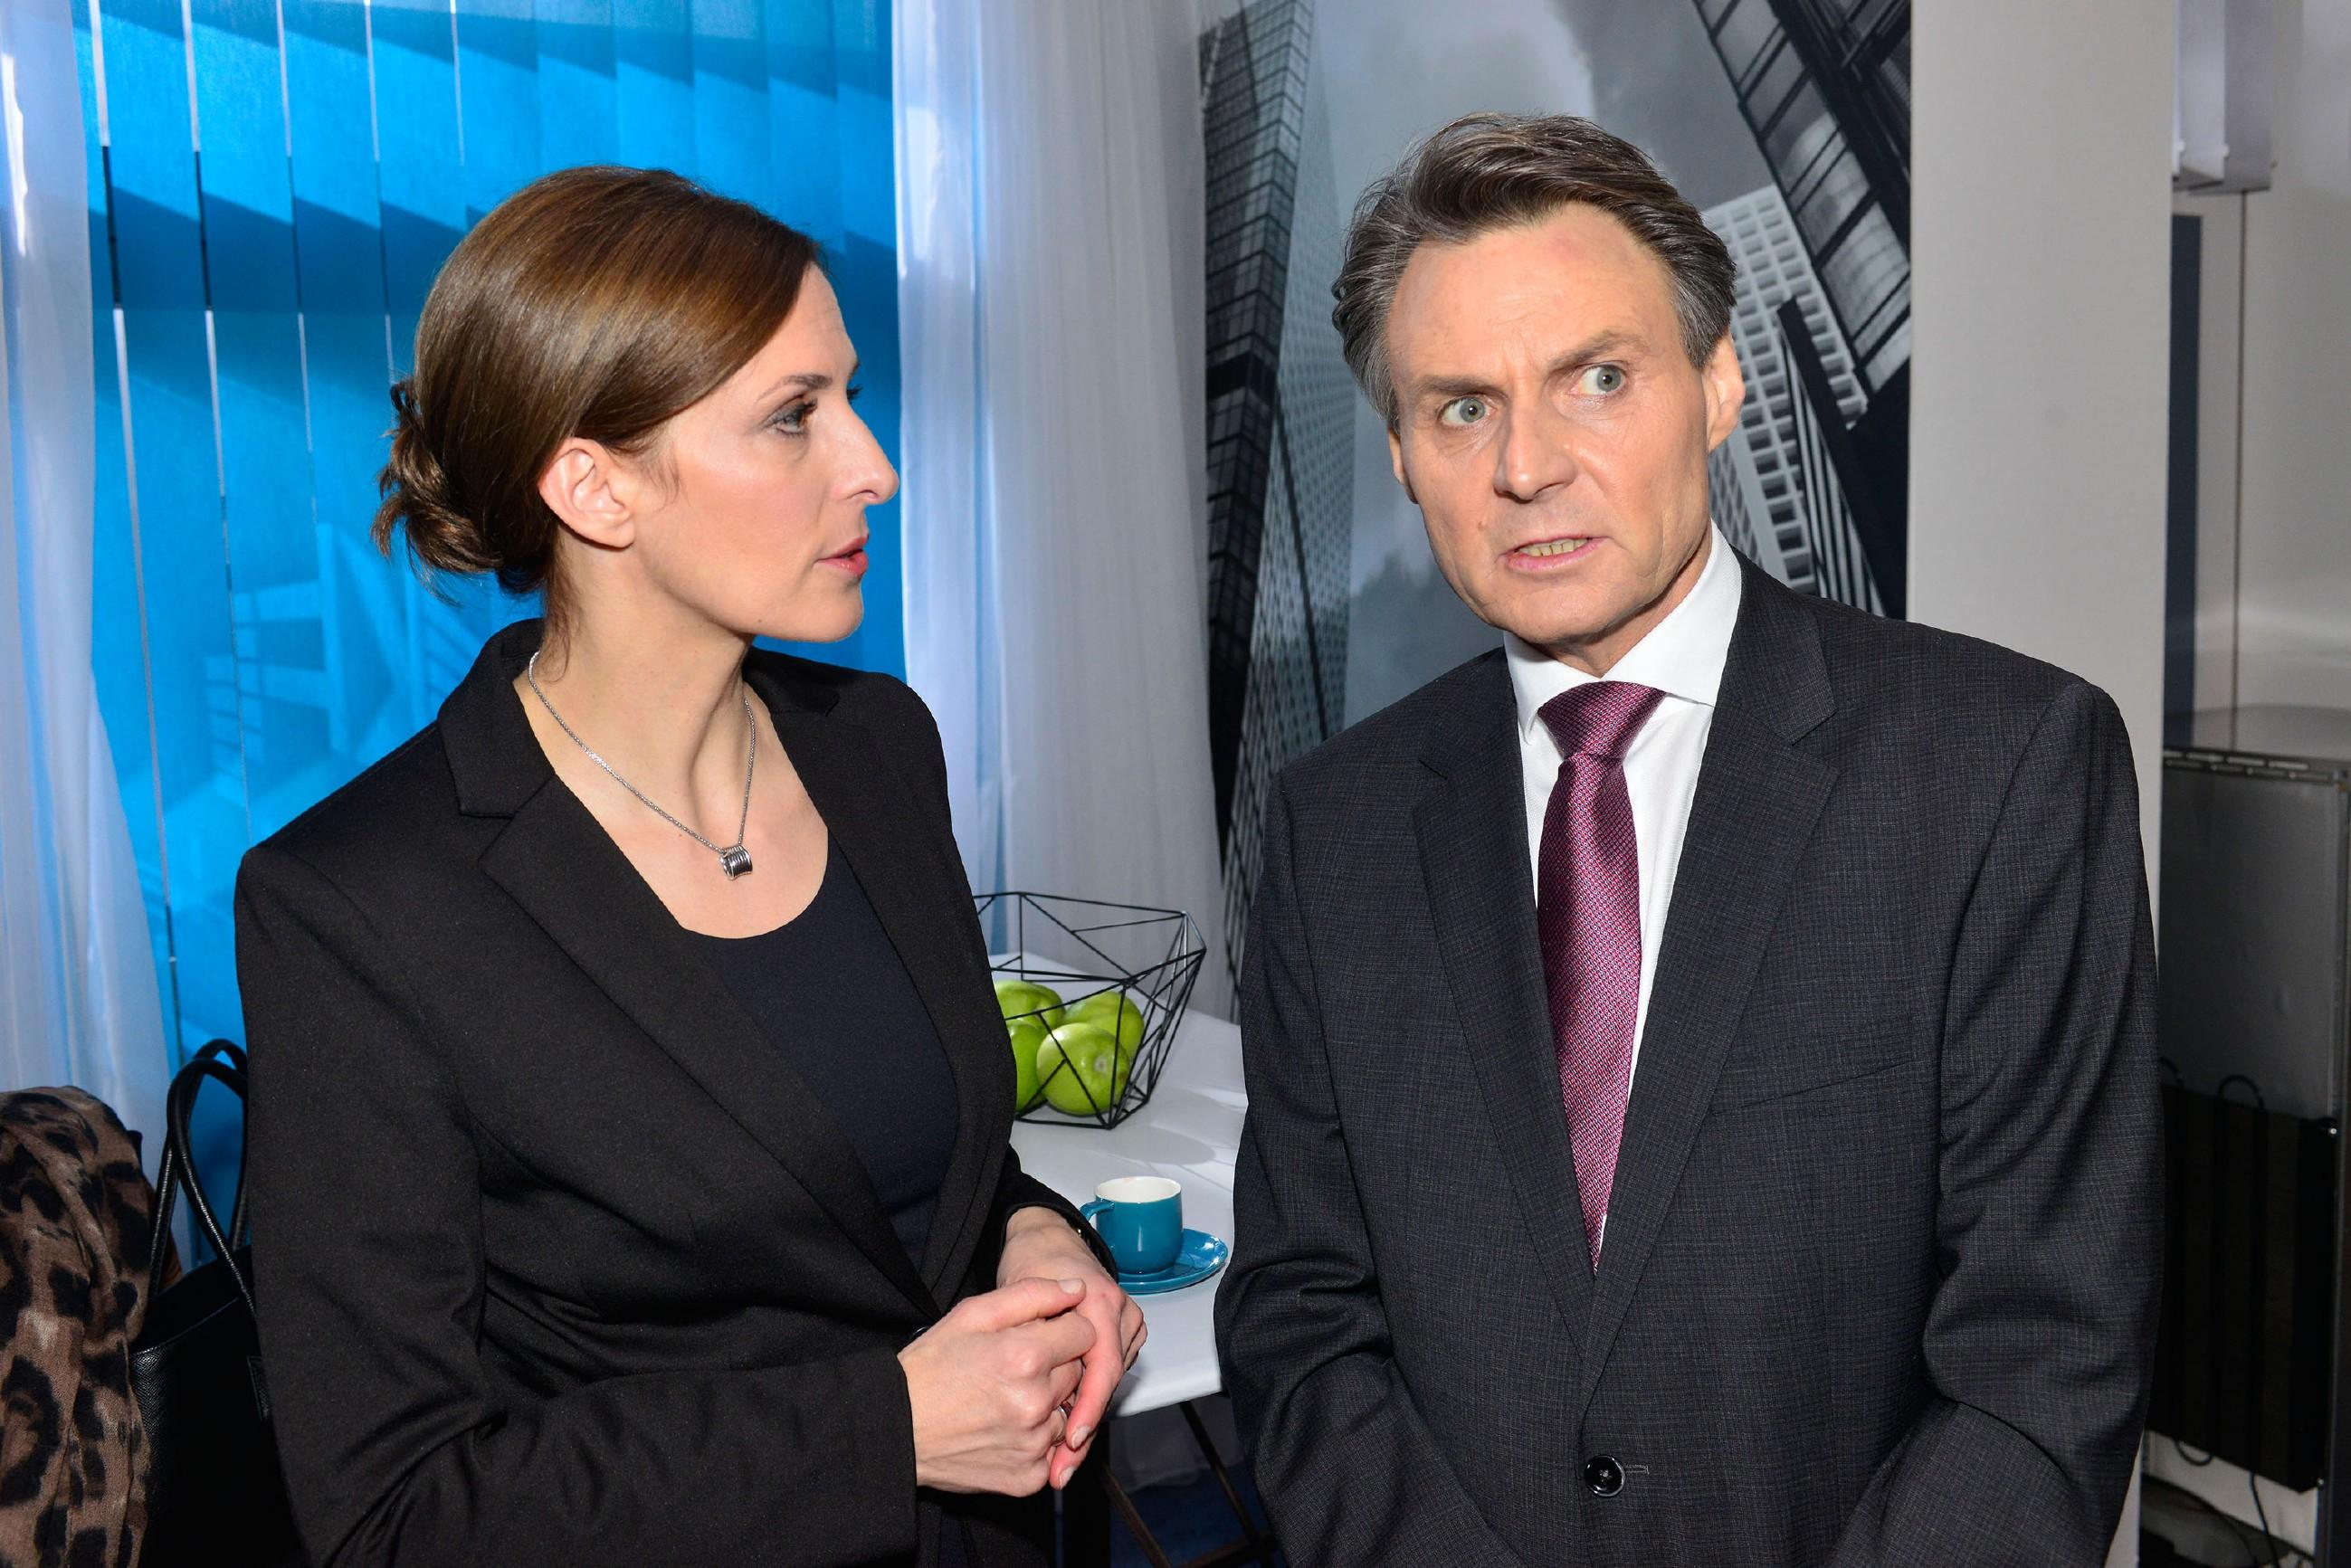 Katrin (Ulrike Frank) und Gerner (Wolfgang Bahro) erkennen, dass sie David in Lebensgefahr gebracht haben... (Quelle: RTL / Rolf Baumgartner)